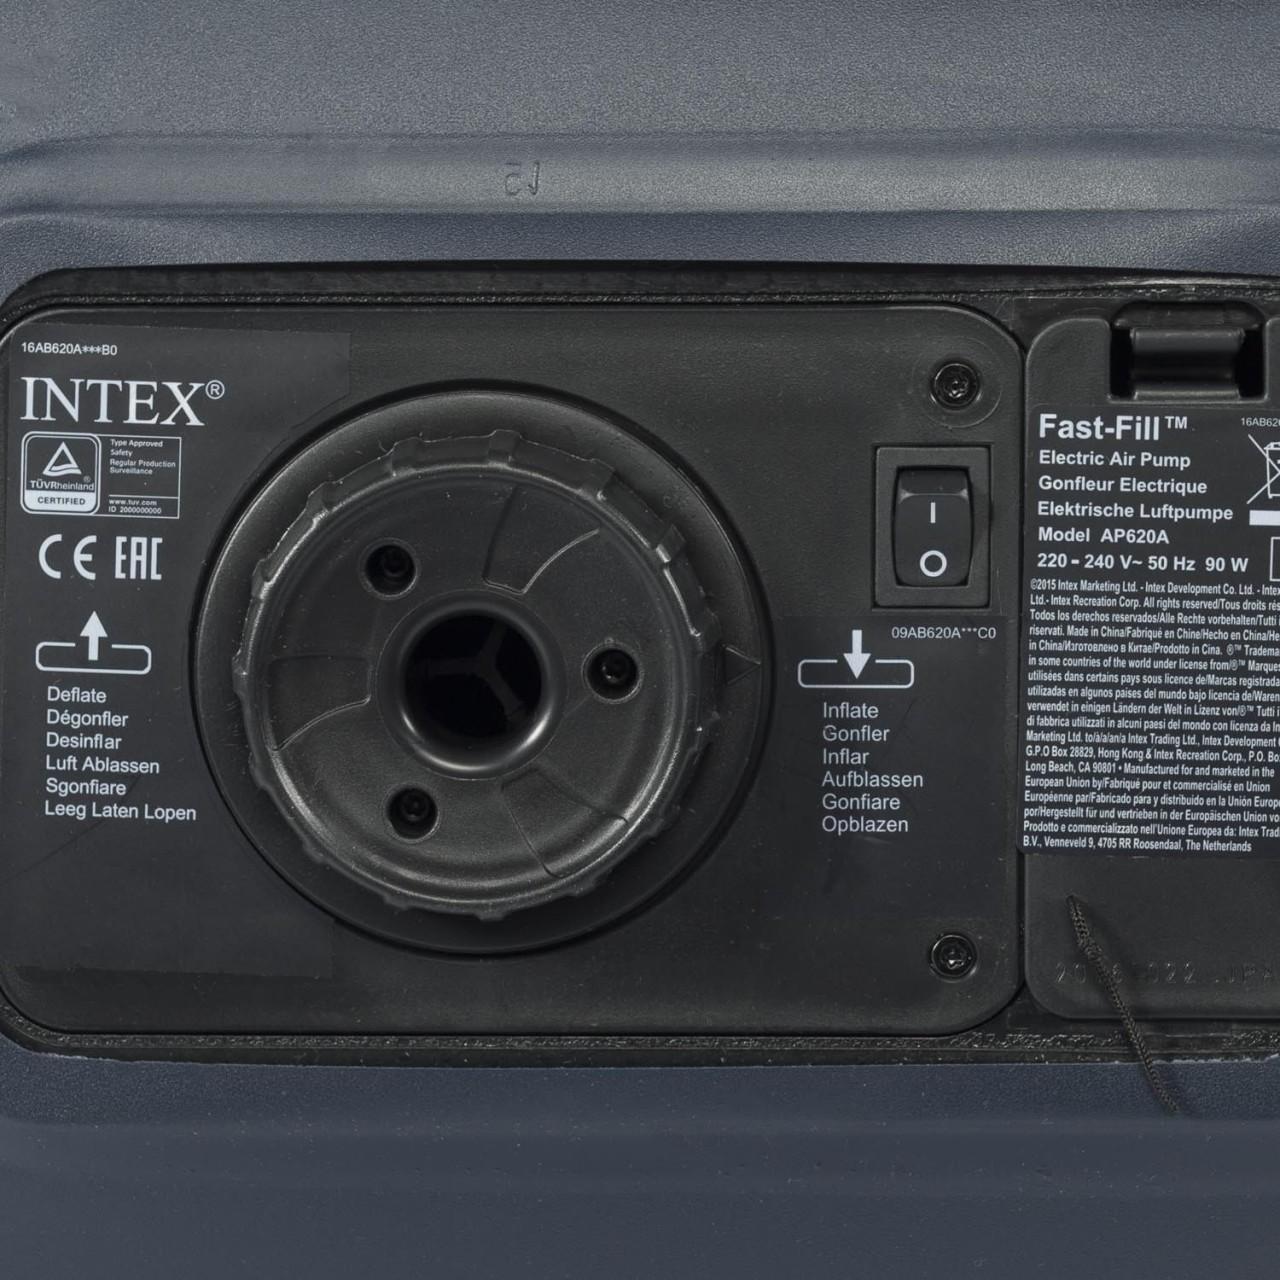 Intex Luftbett Gästebett Luftmatratze 152x203x42 cm inkl. Pumpe selbsaufblasend